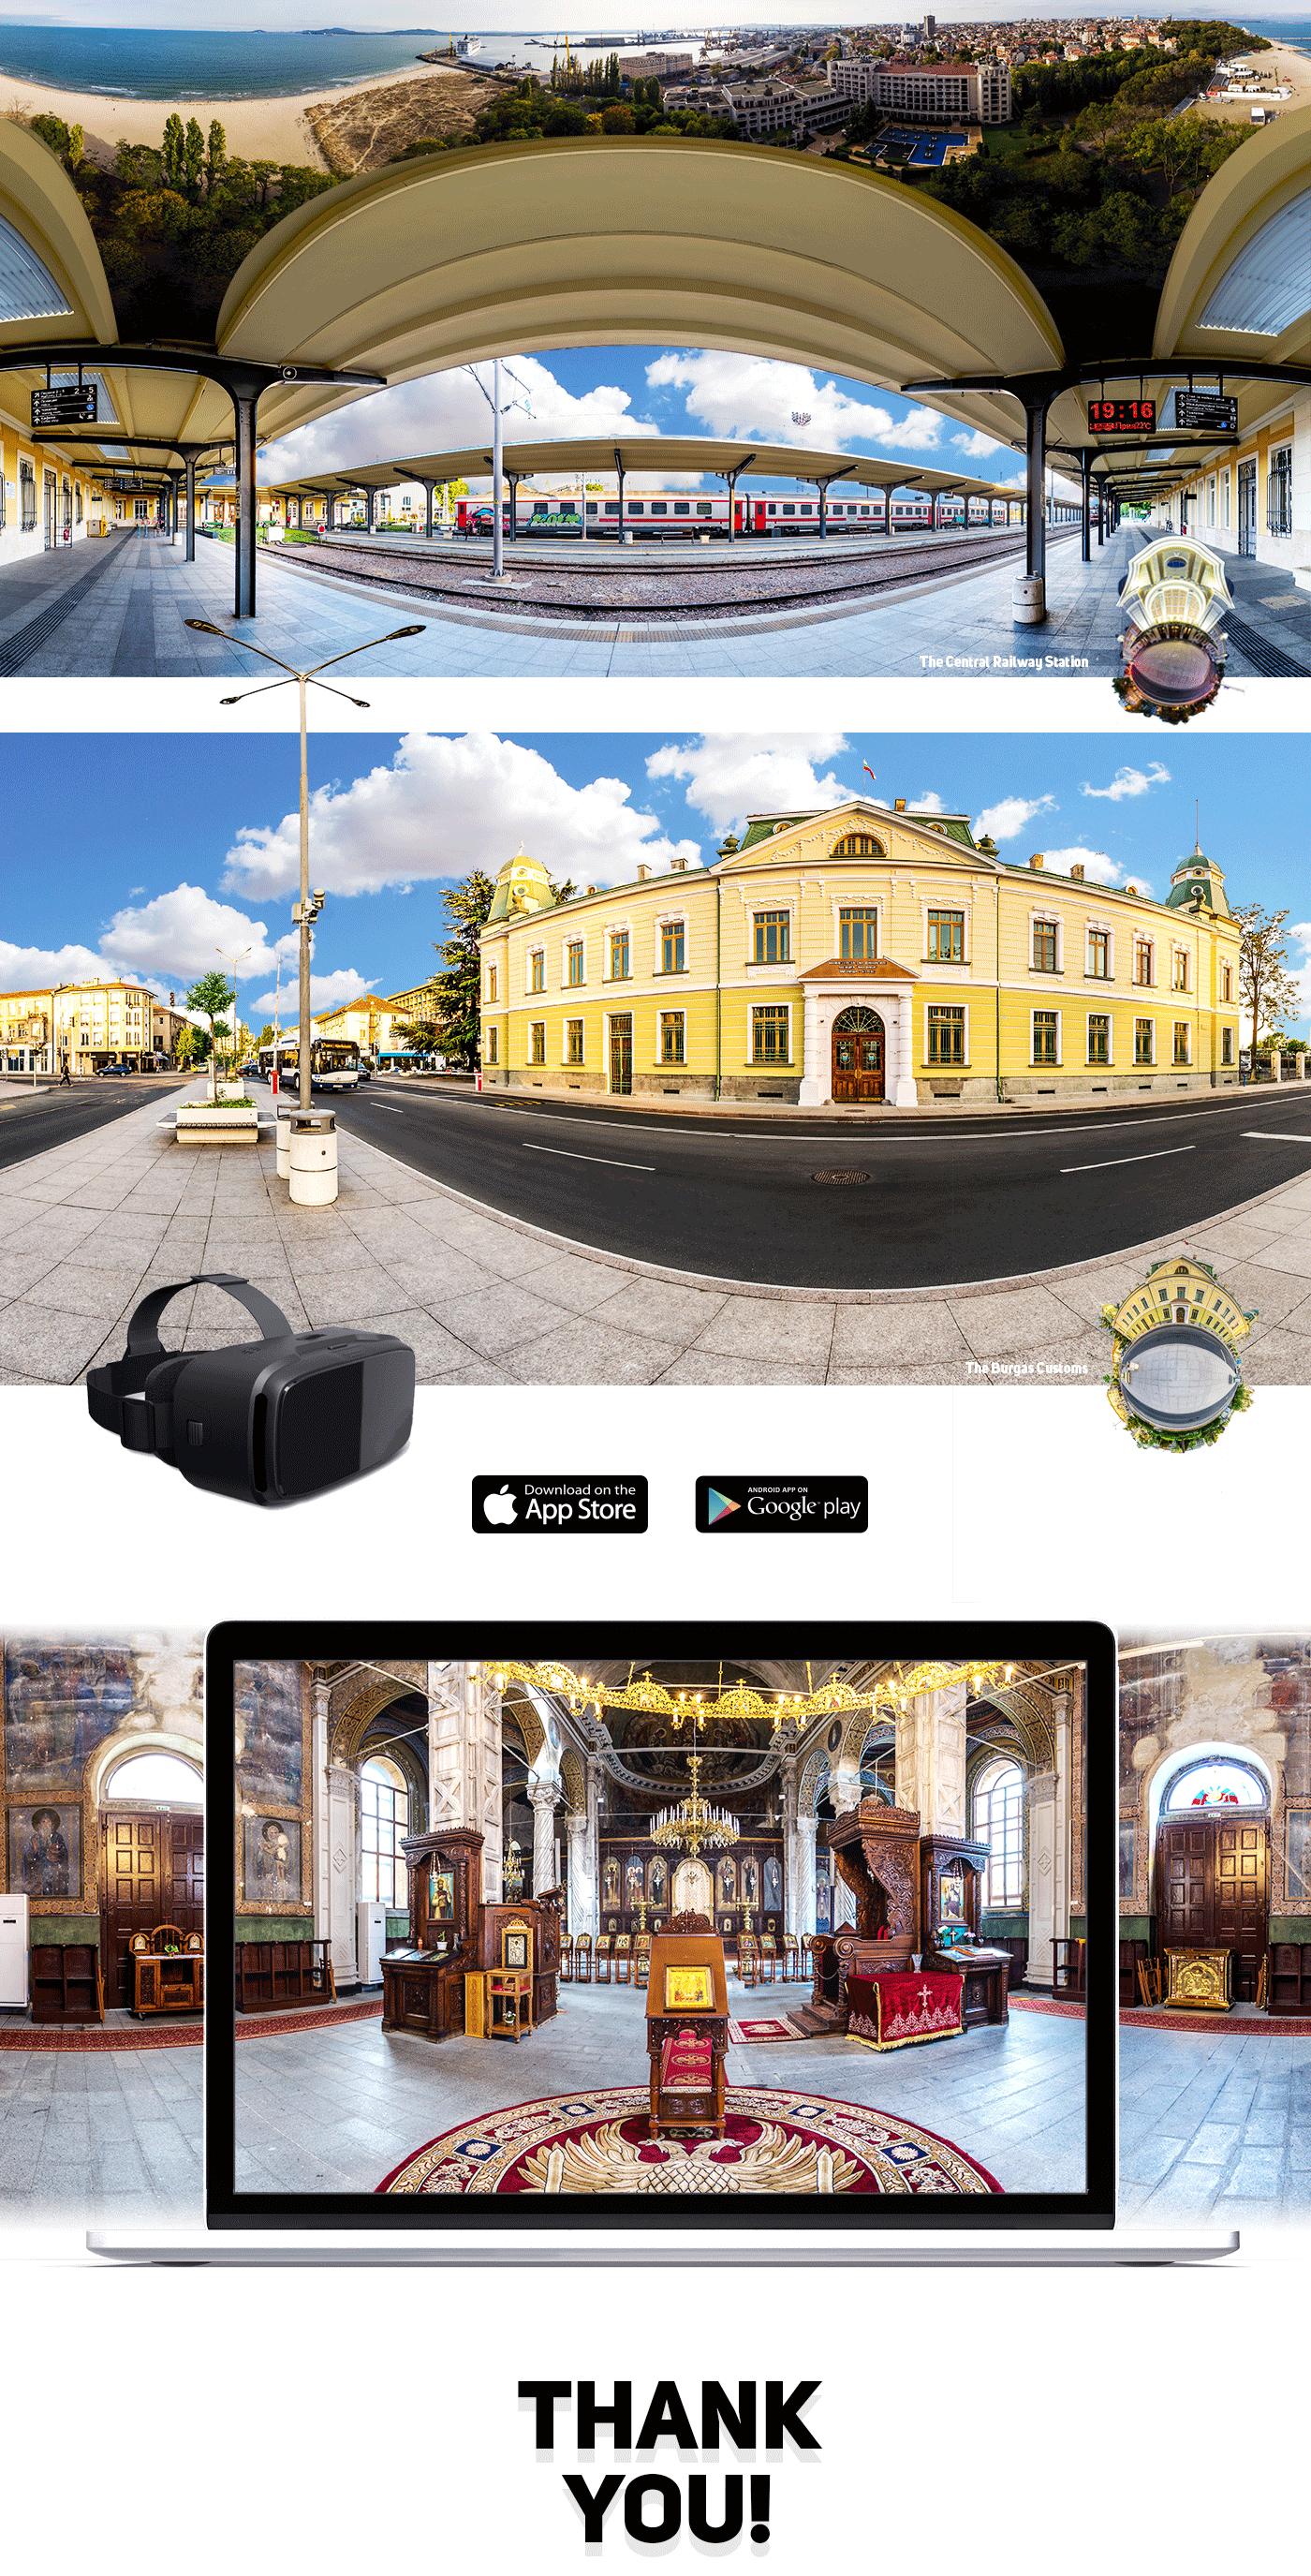 Muse Creativity и екип създадоха мобилна апликация за 360 градусови виртуални разходки на най-забележимите сгради 1